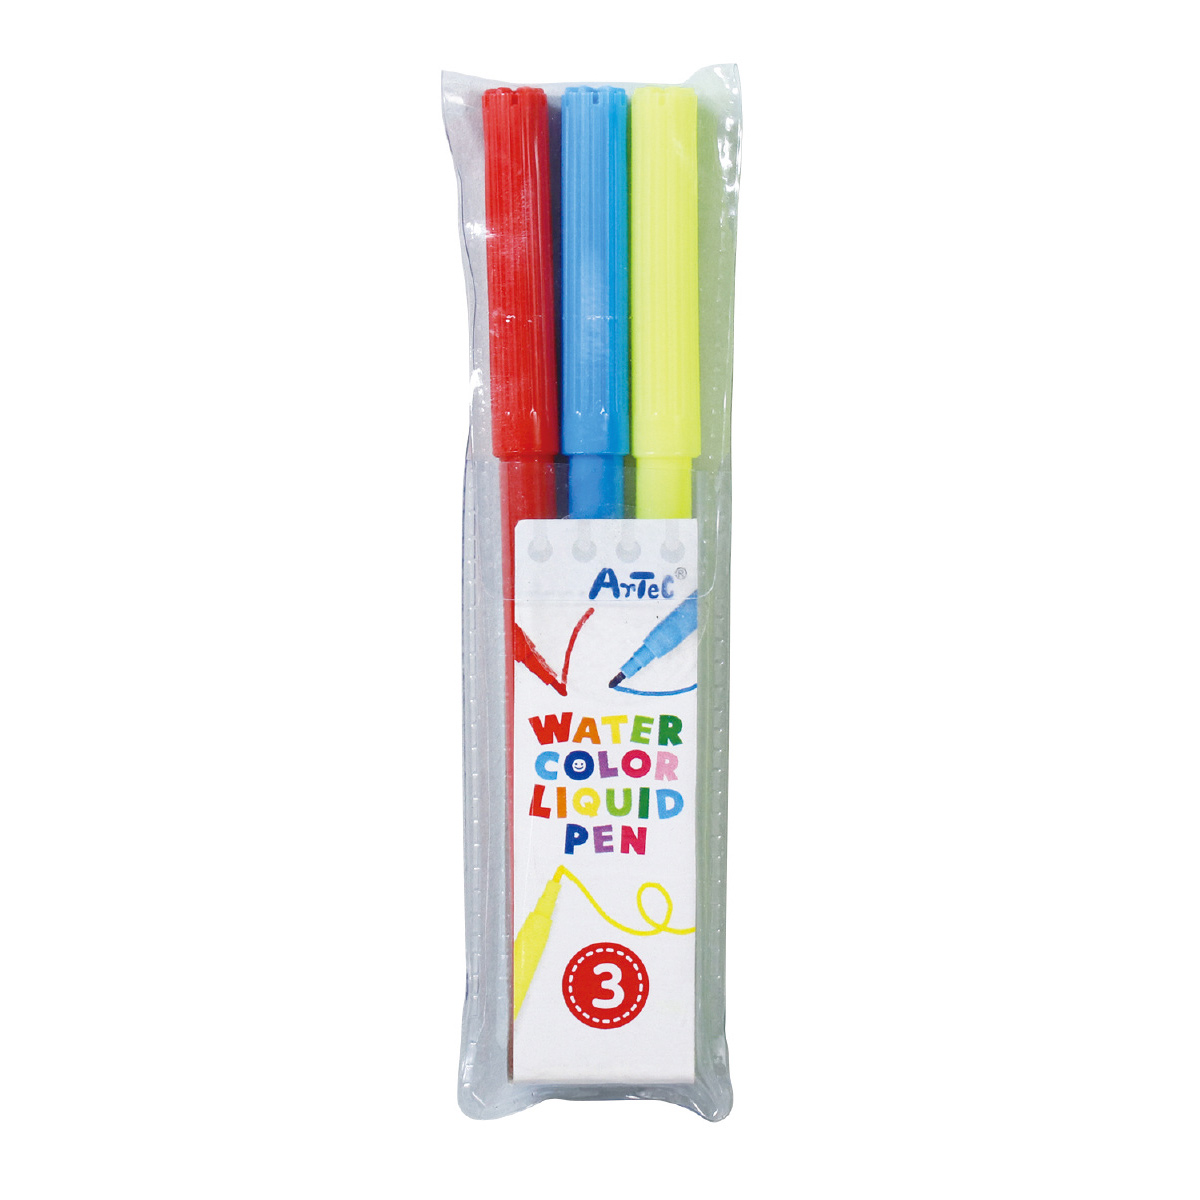 水性 カラーペンセット[3色] 知育玩具 お絵かき キッズ 子供 ペン 工作 文具 景品